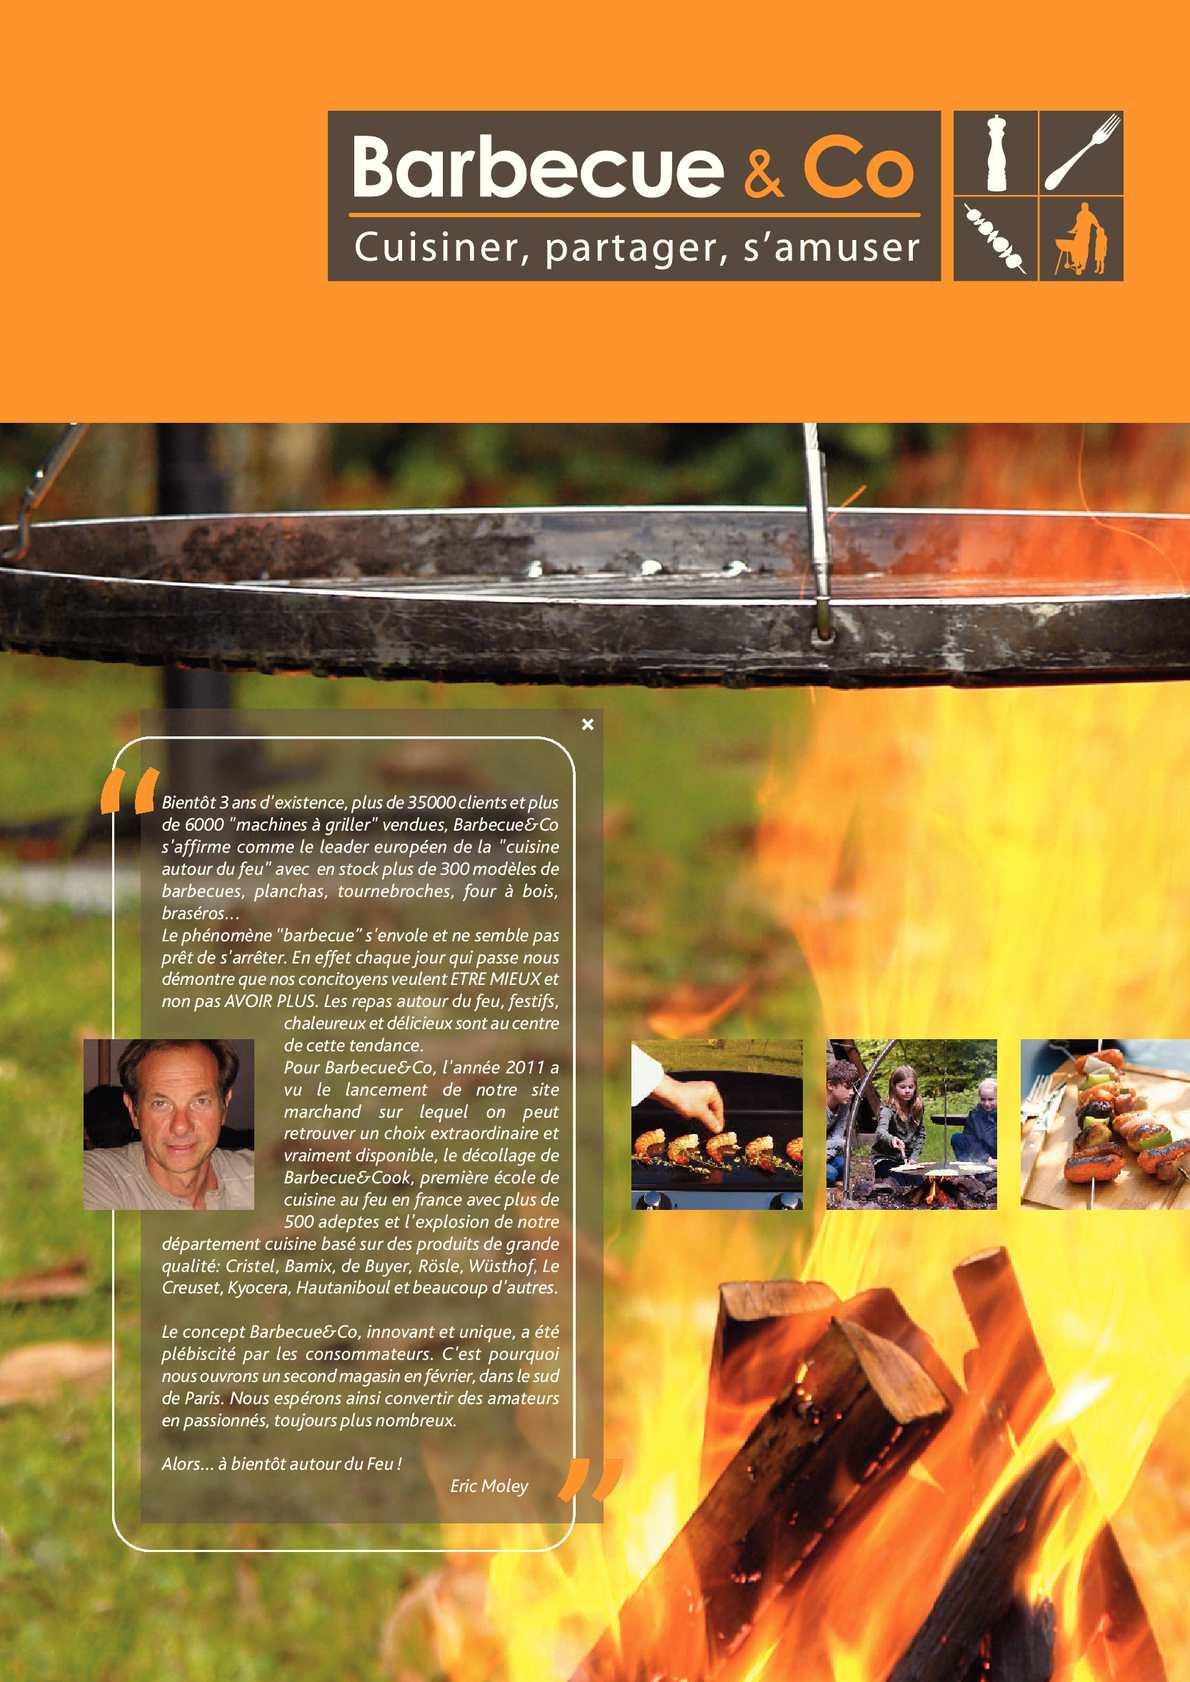 Barbecue & Co Feucherolles calaméo - barbecue&co s'affirme comme le leader européen de